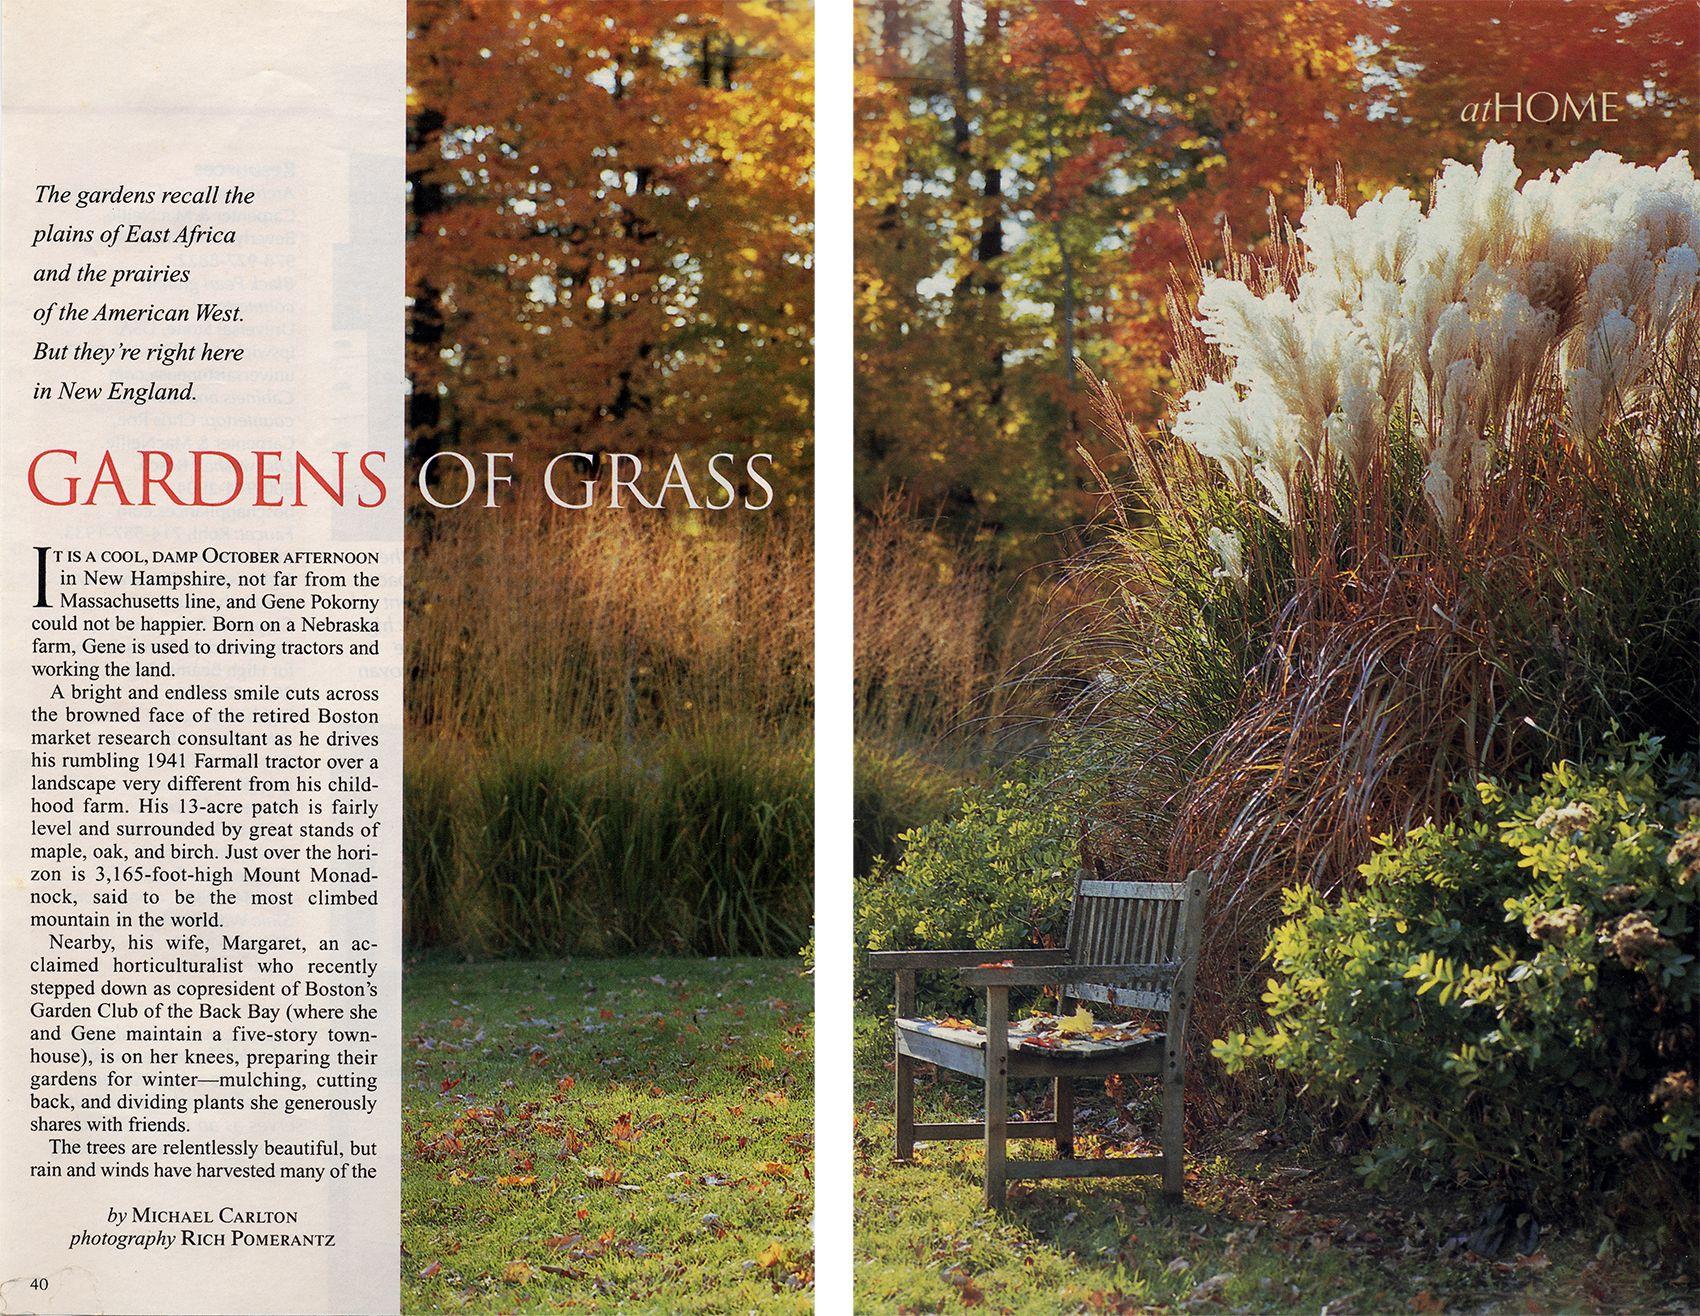 GardensofGrass.jpg